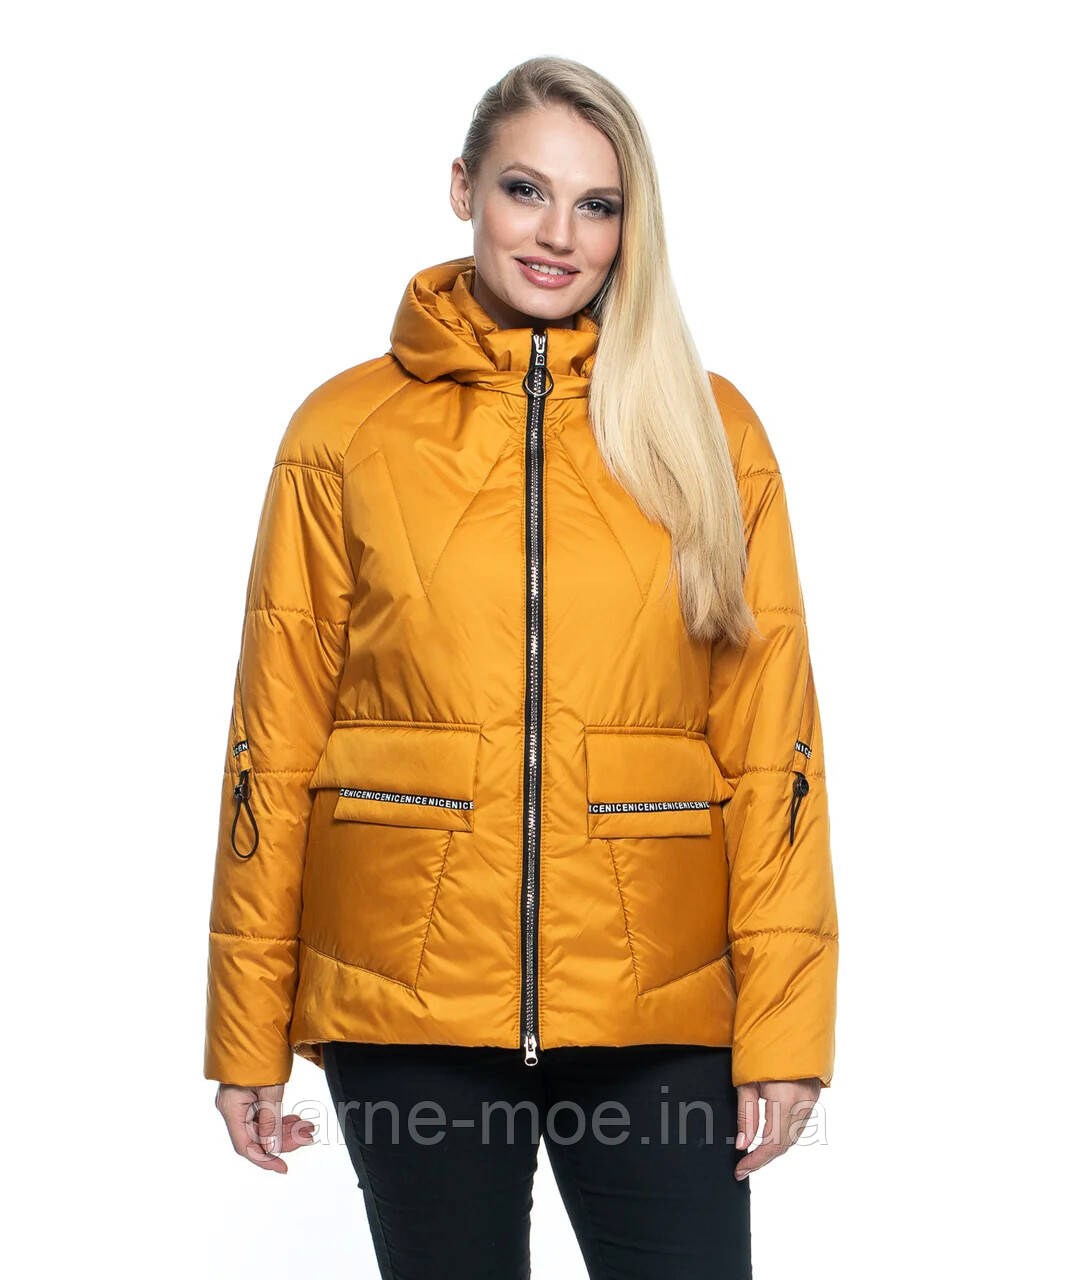 ЛД7103 Женская куртка весна/осень  44-56 рр